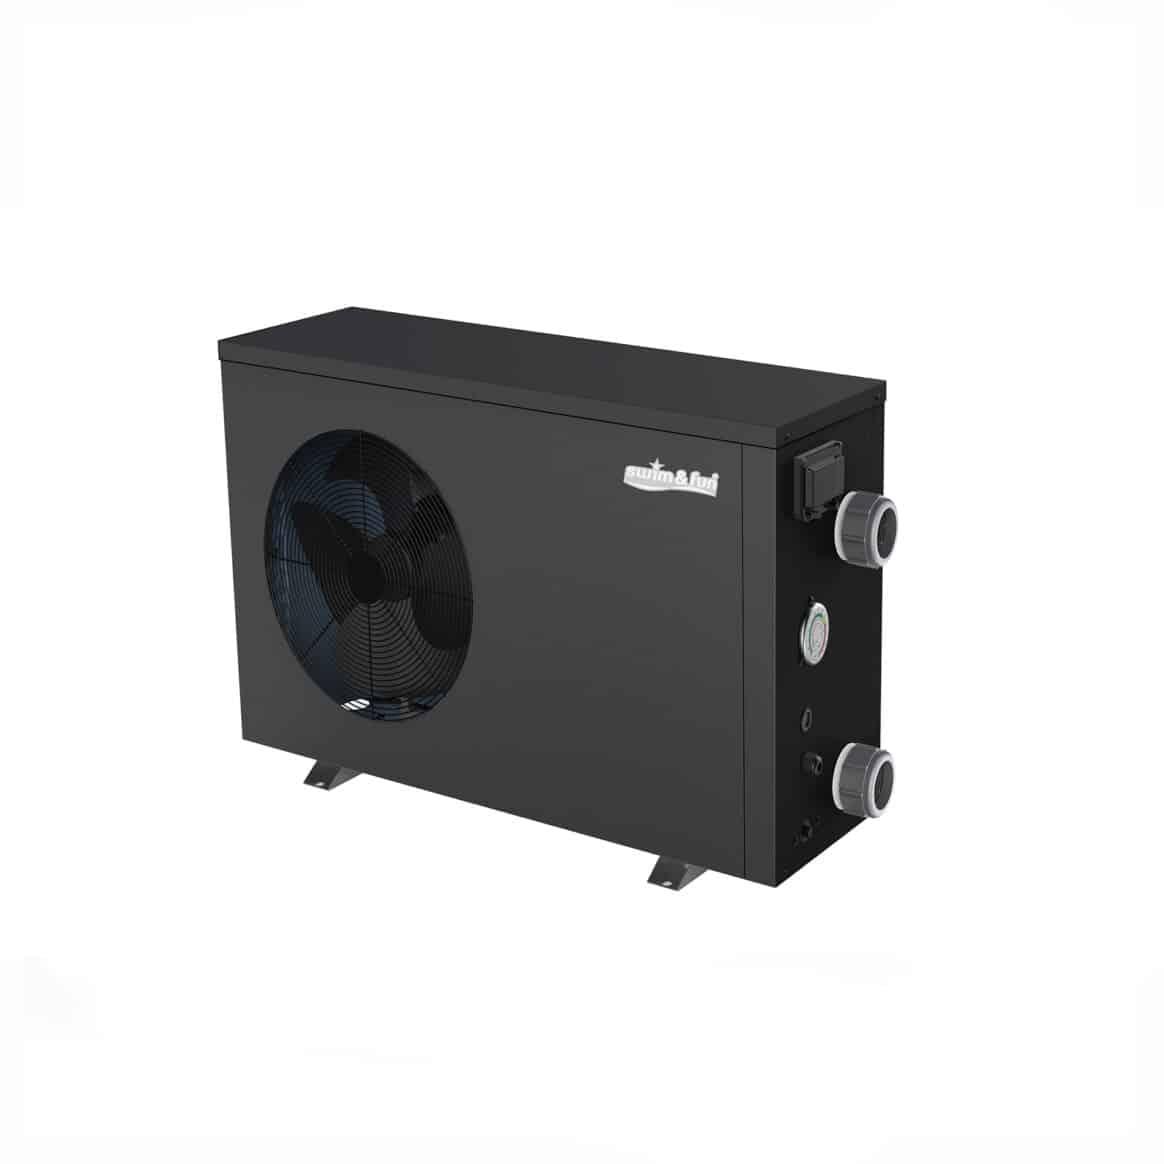 HeatBooster Varmepumpe 5.5 KW